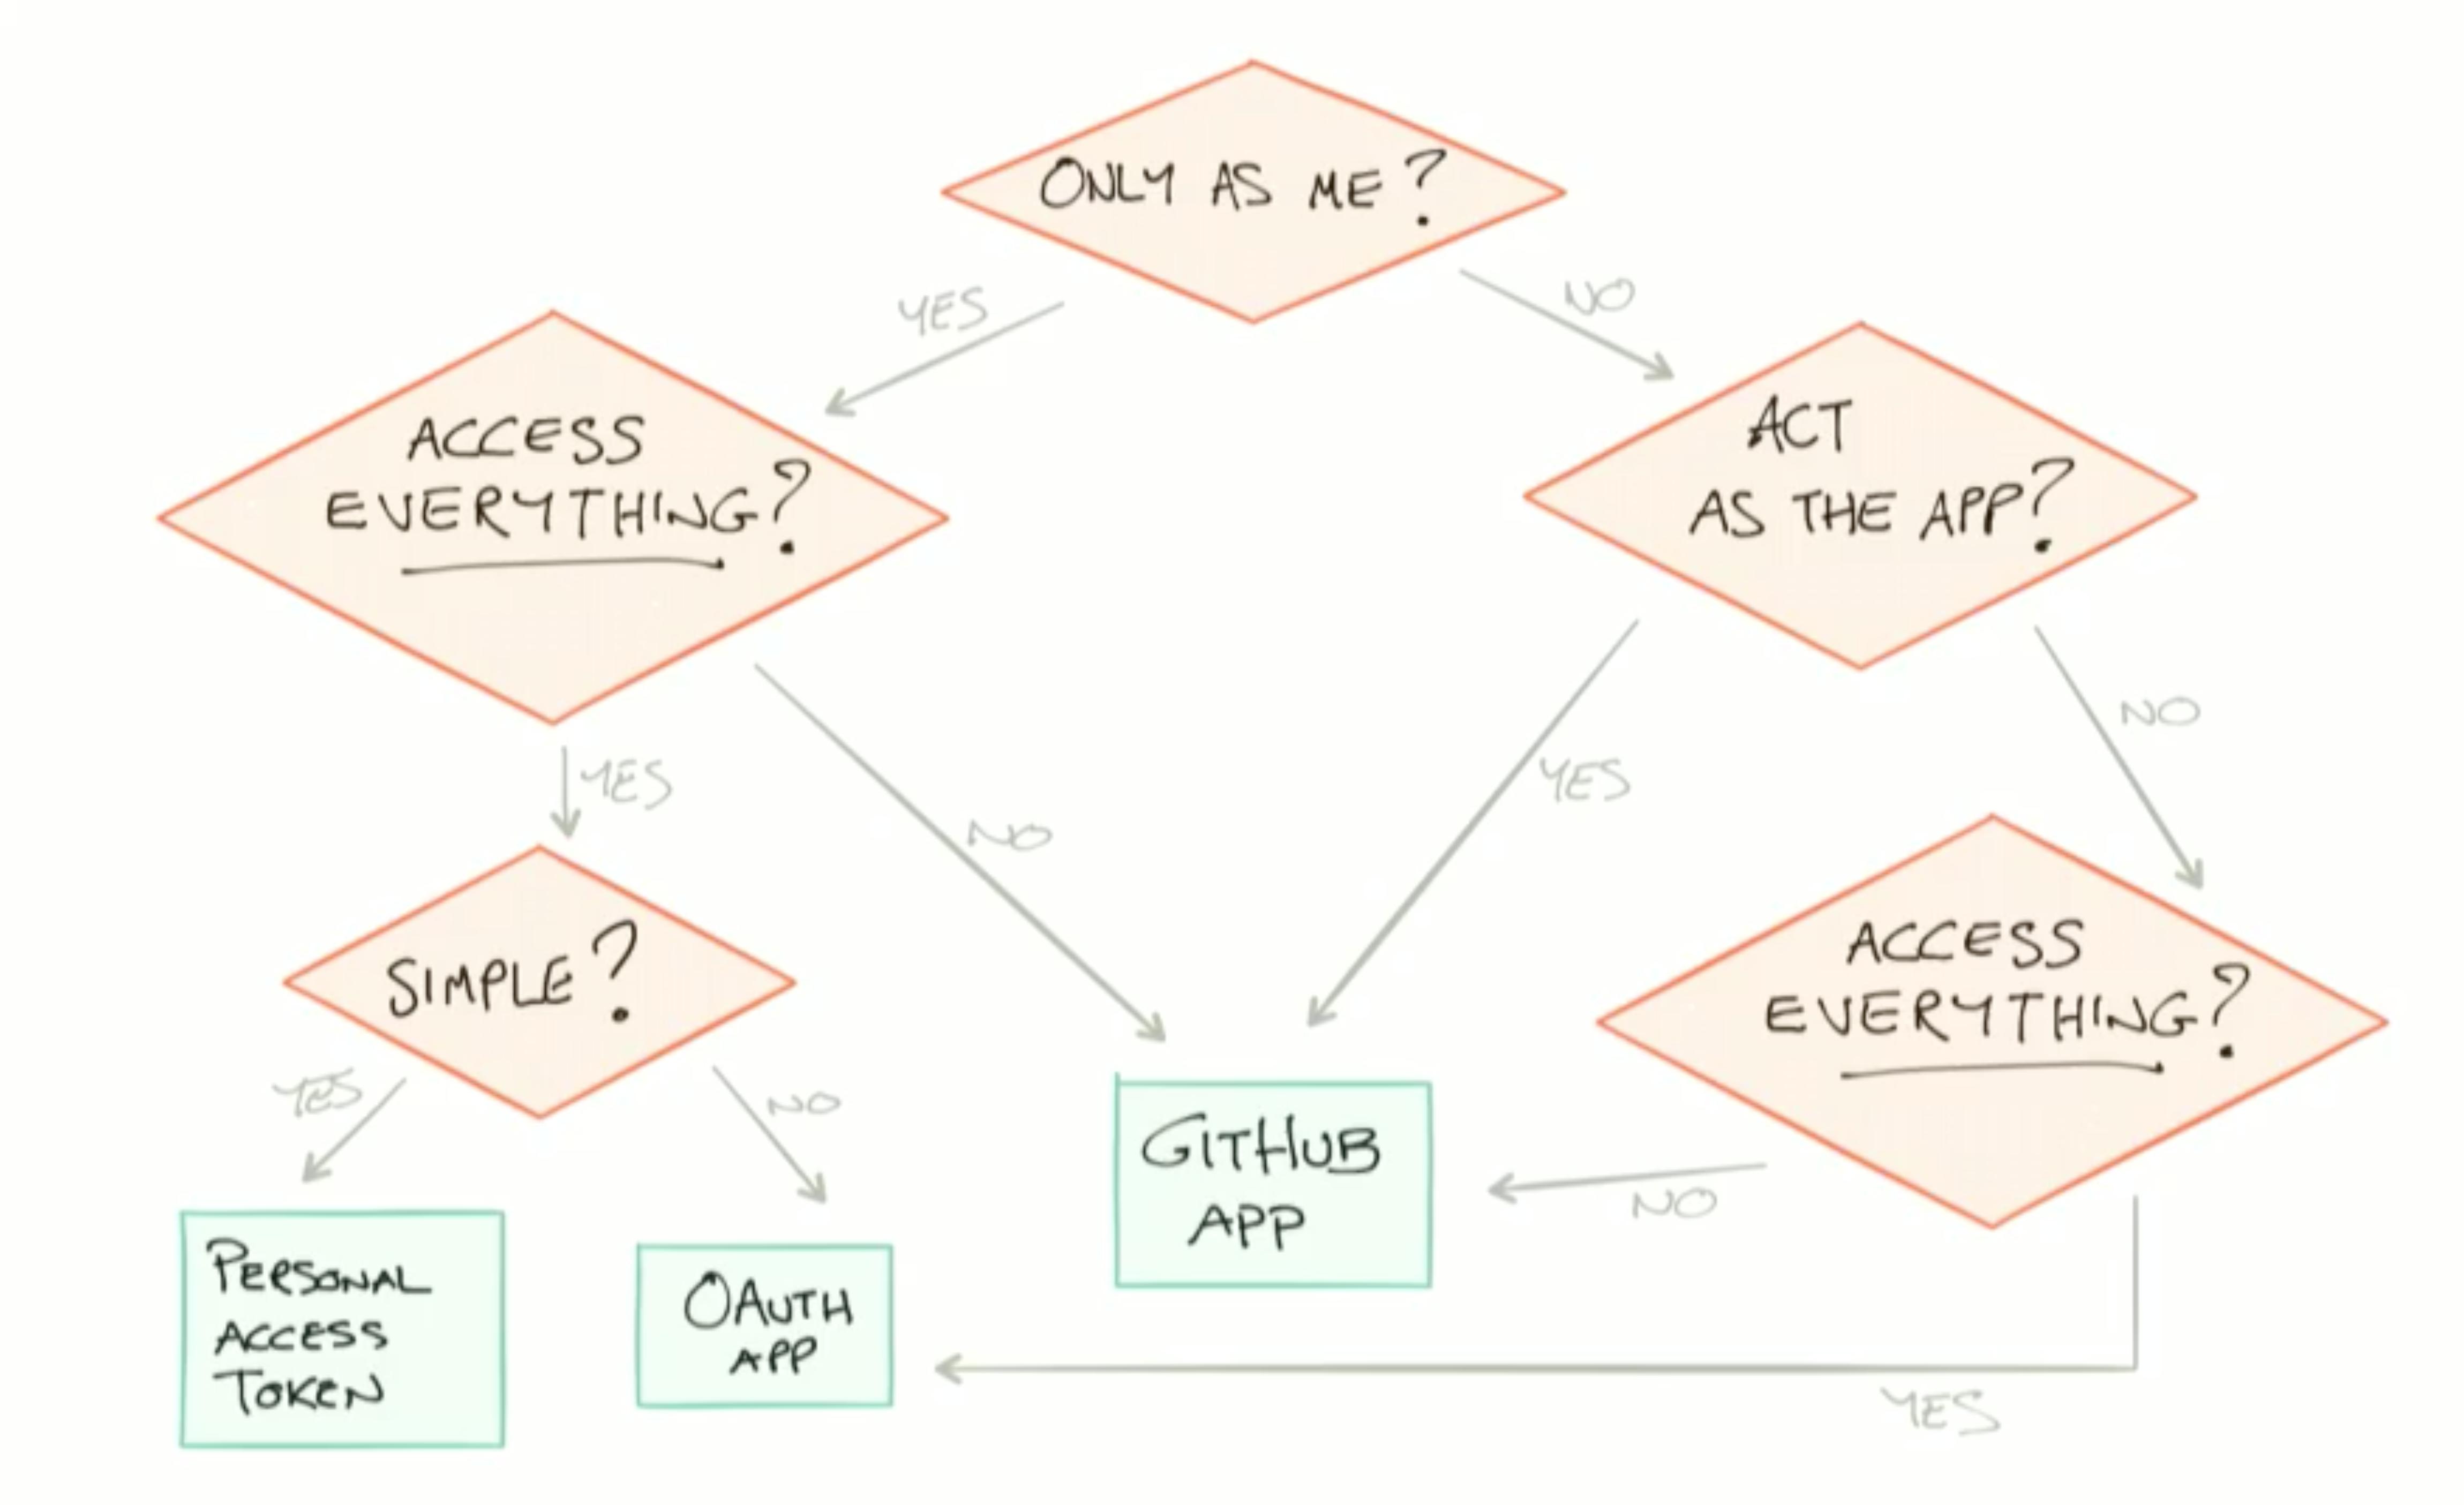 应用程序问题流程简介